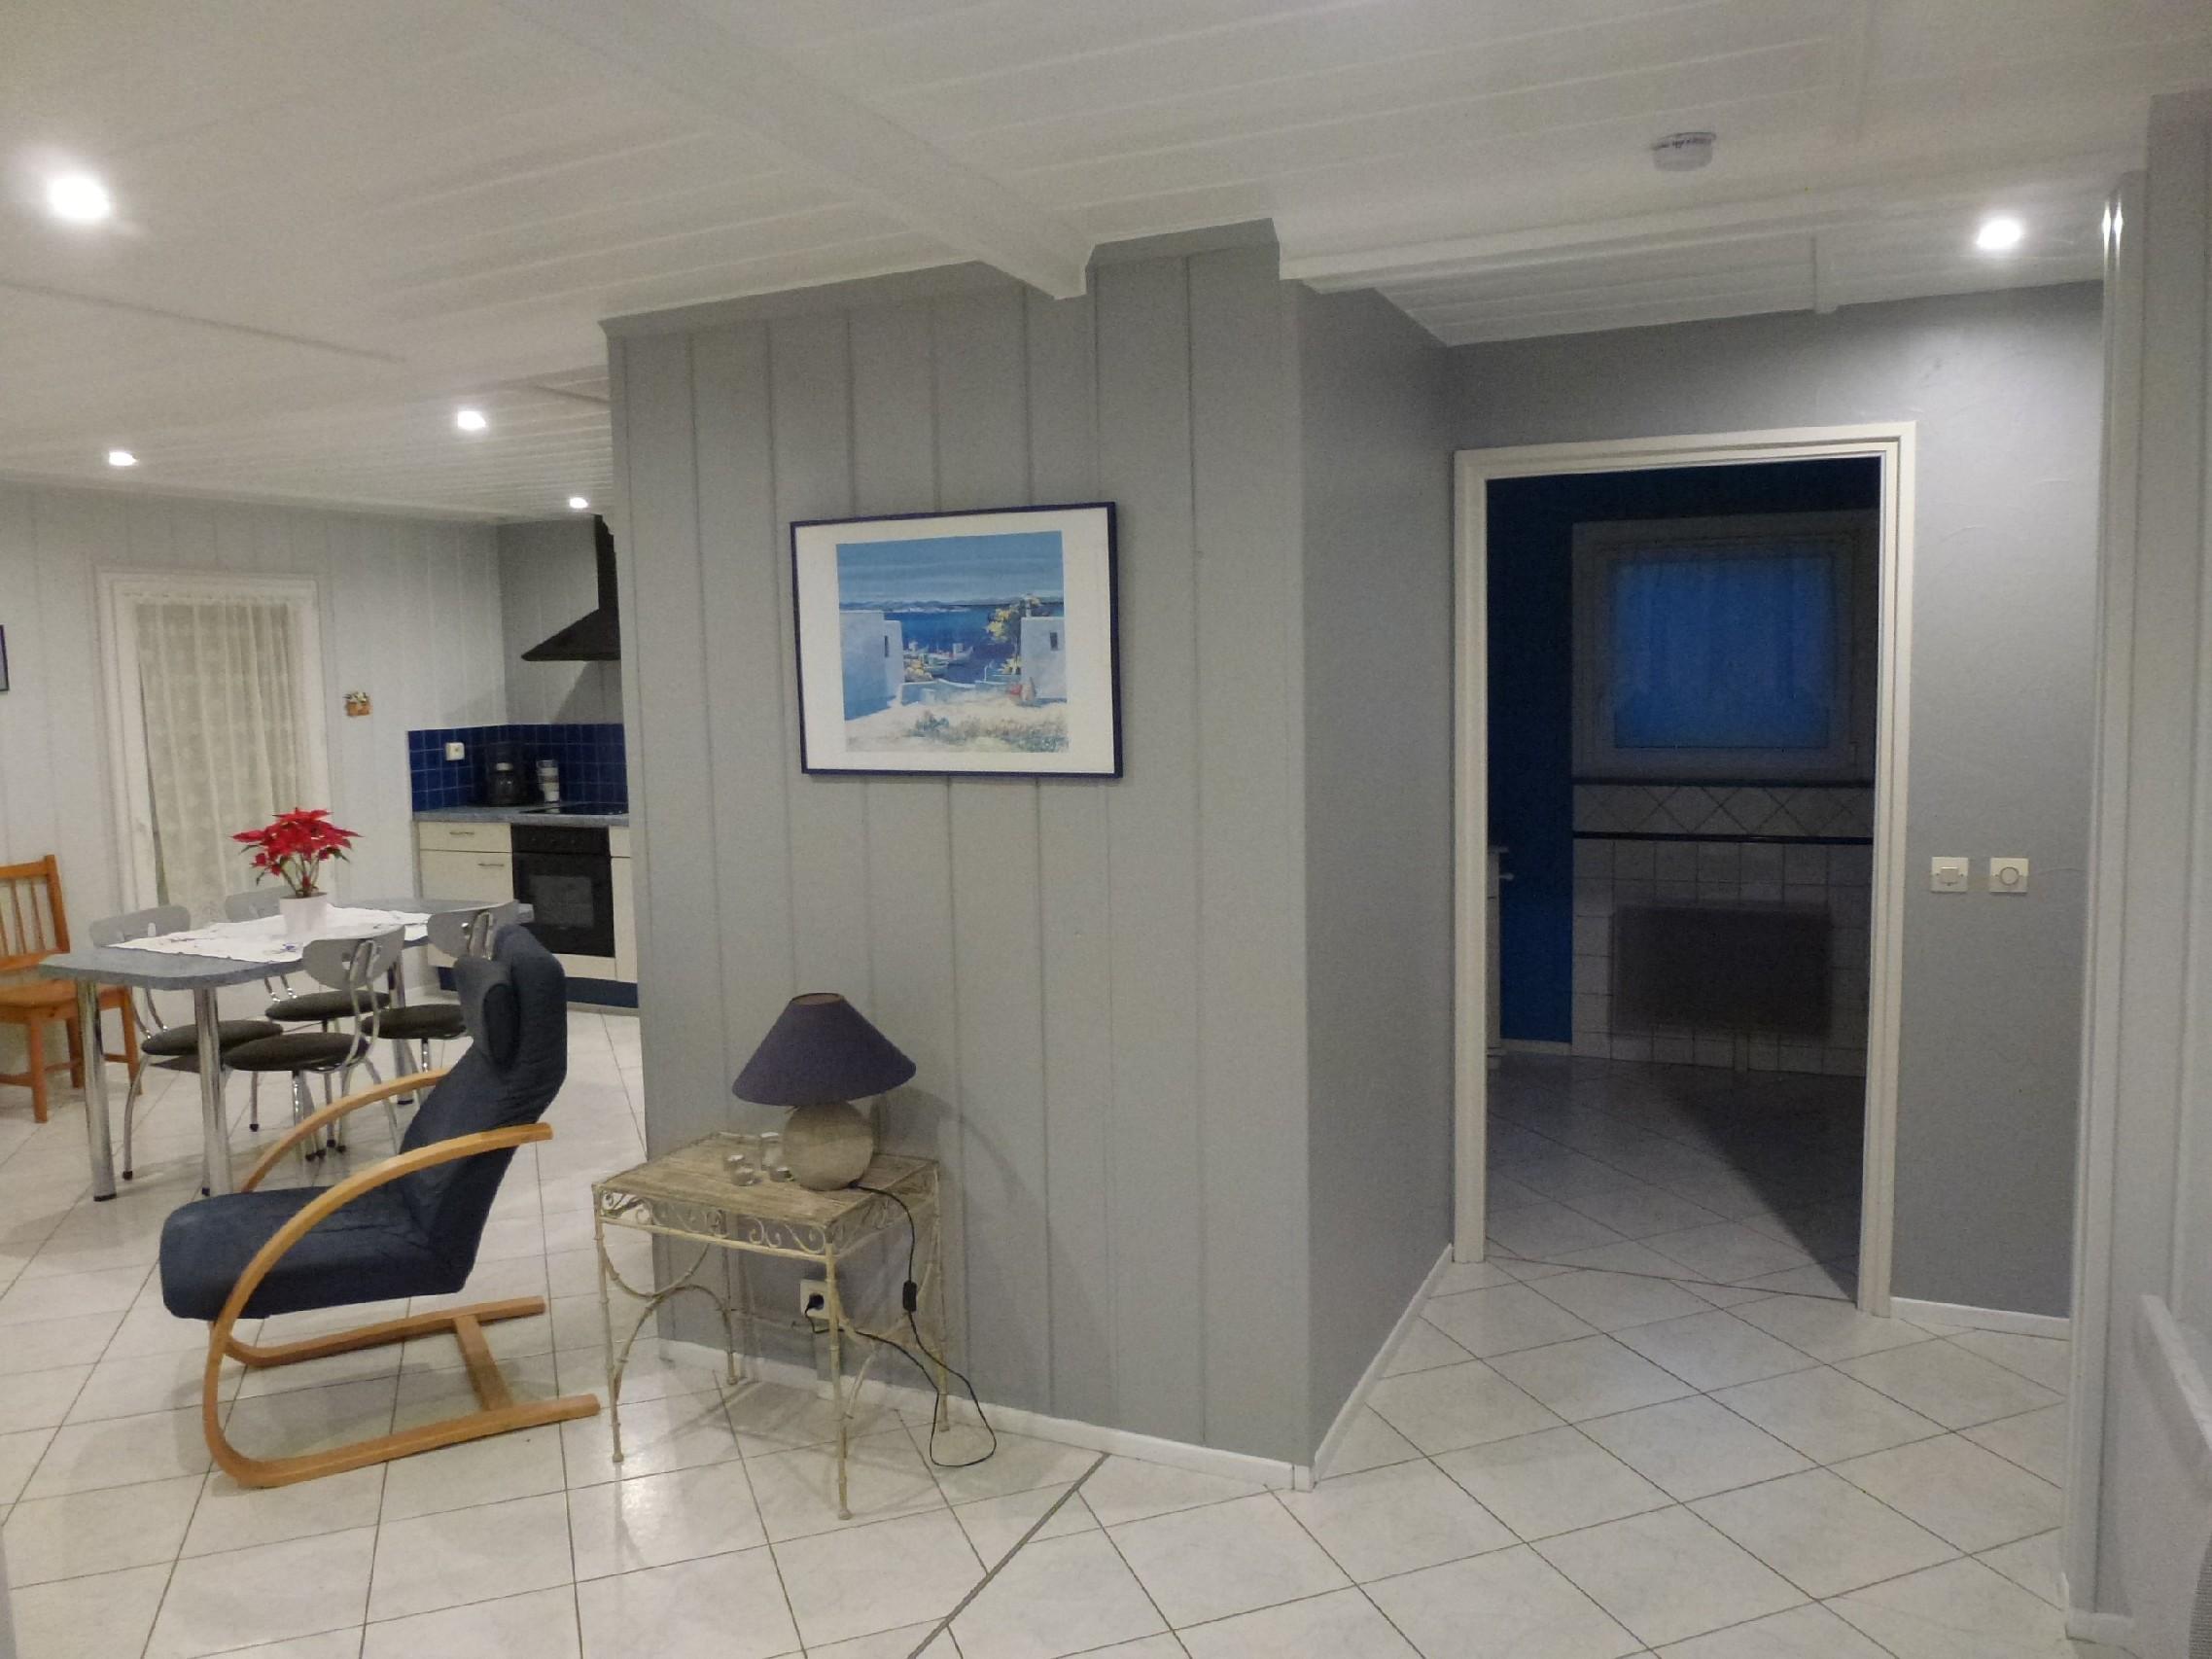 location saisonni re herzog bernard la maison de manon. Black Bedroom Furniture Sets. Home Design Ideas